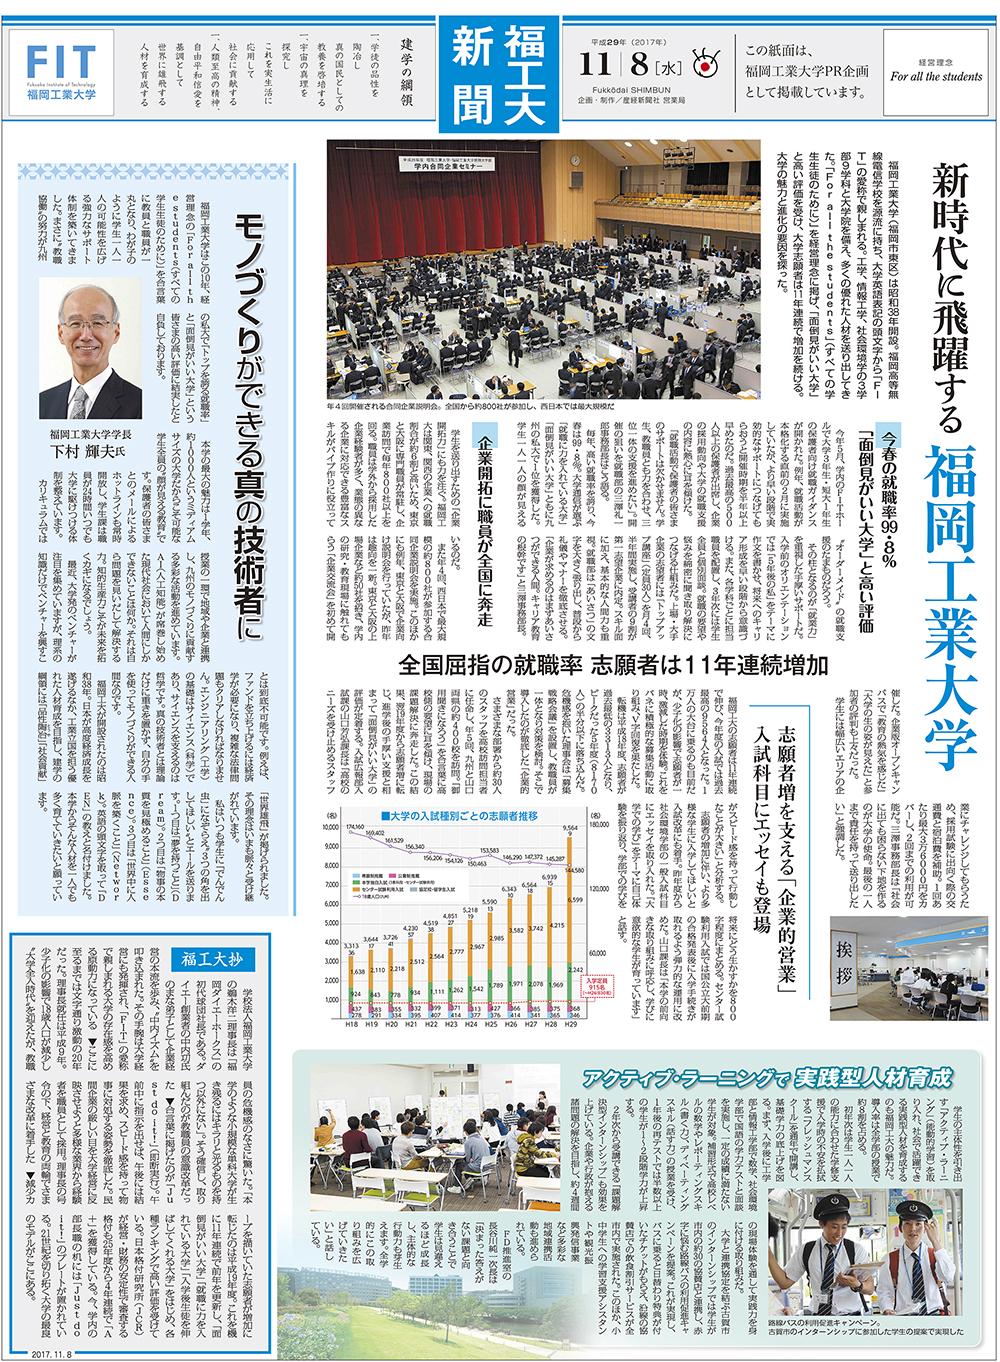 産経新聞に本学を紹介する「福工大新聞」が掲載されました